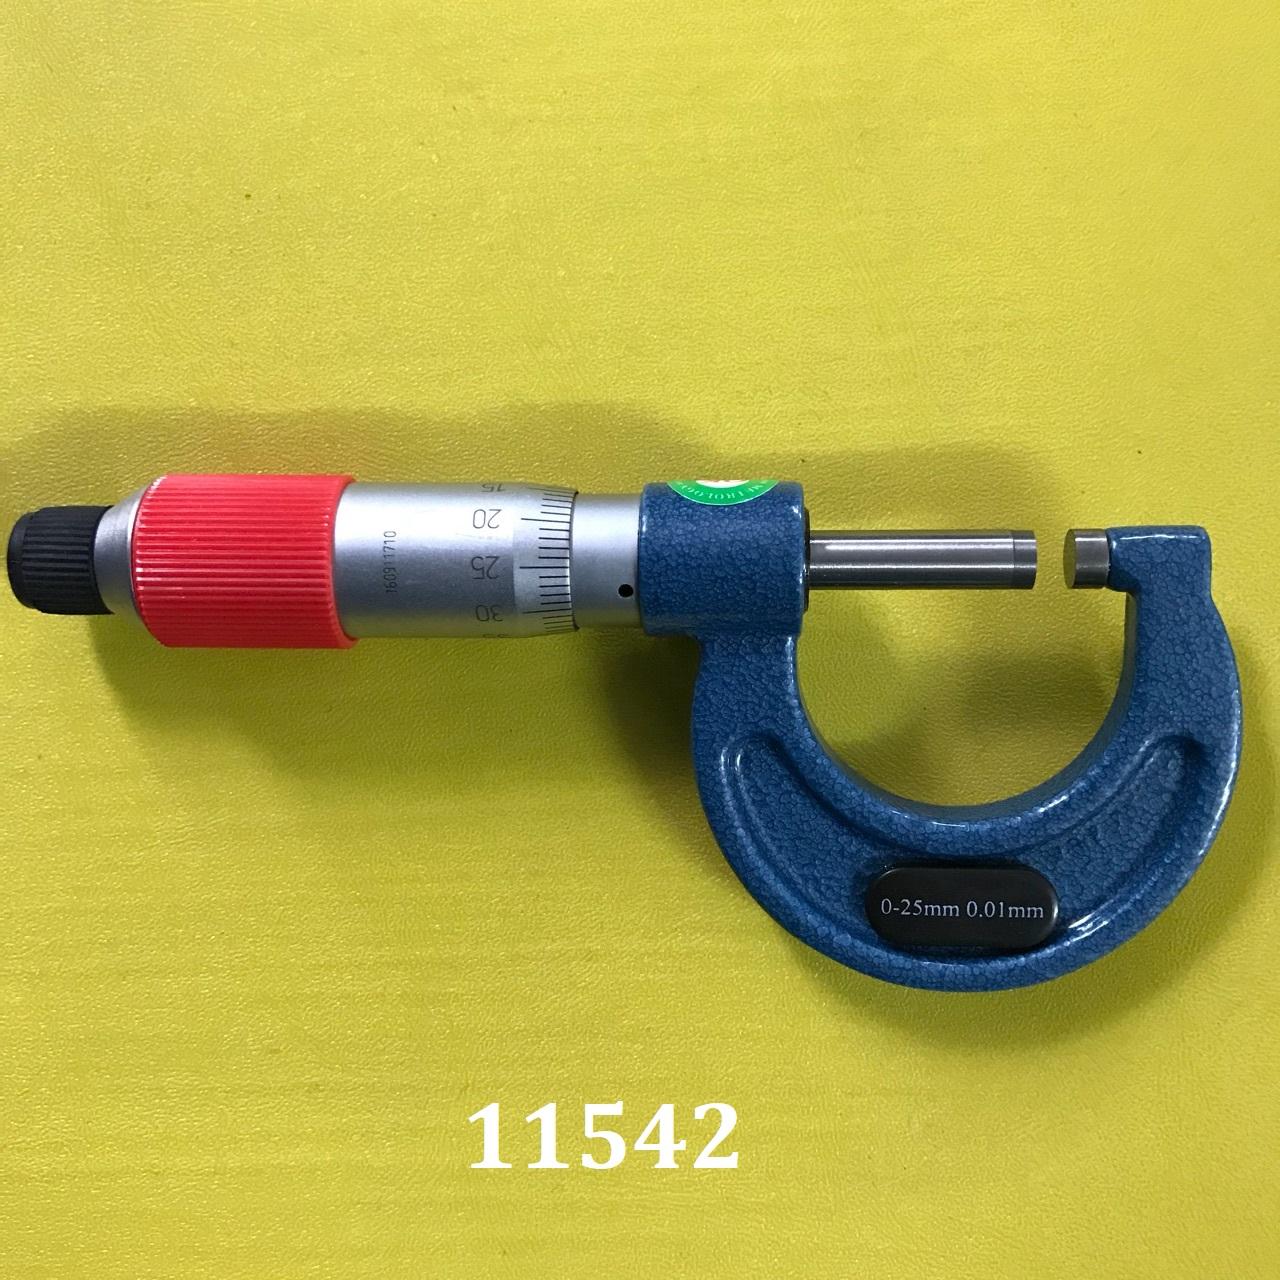 Panme đo ngoài cơ 0-25mm  OM-9001 Metrology